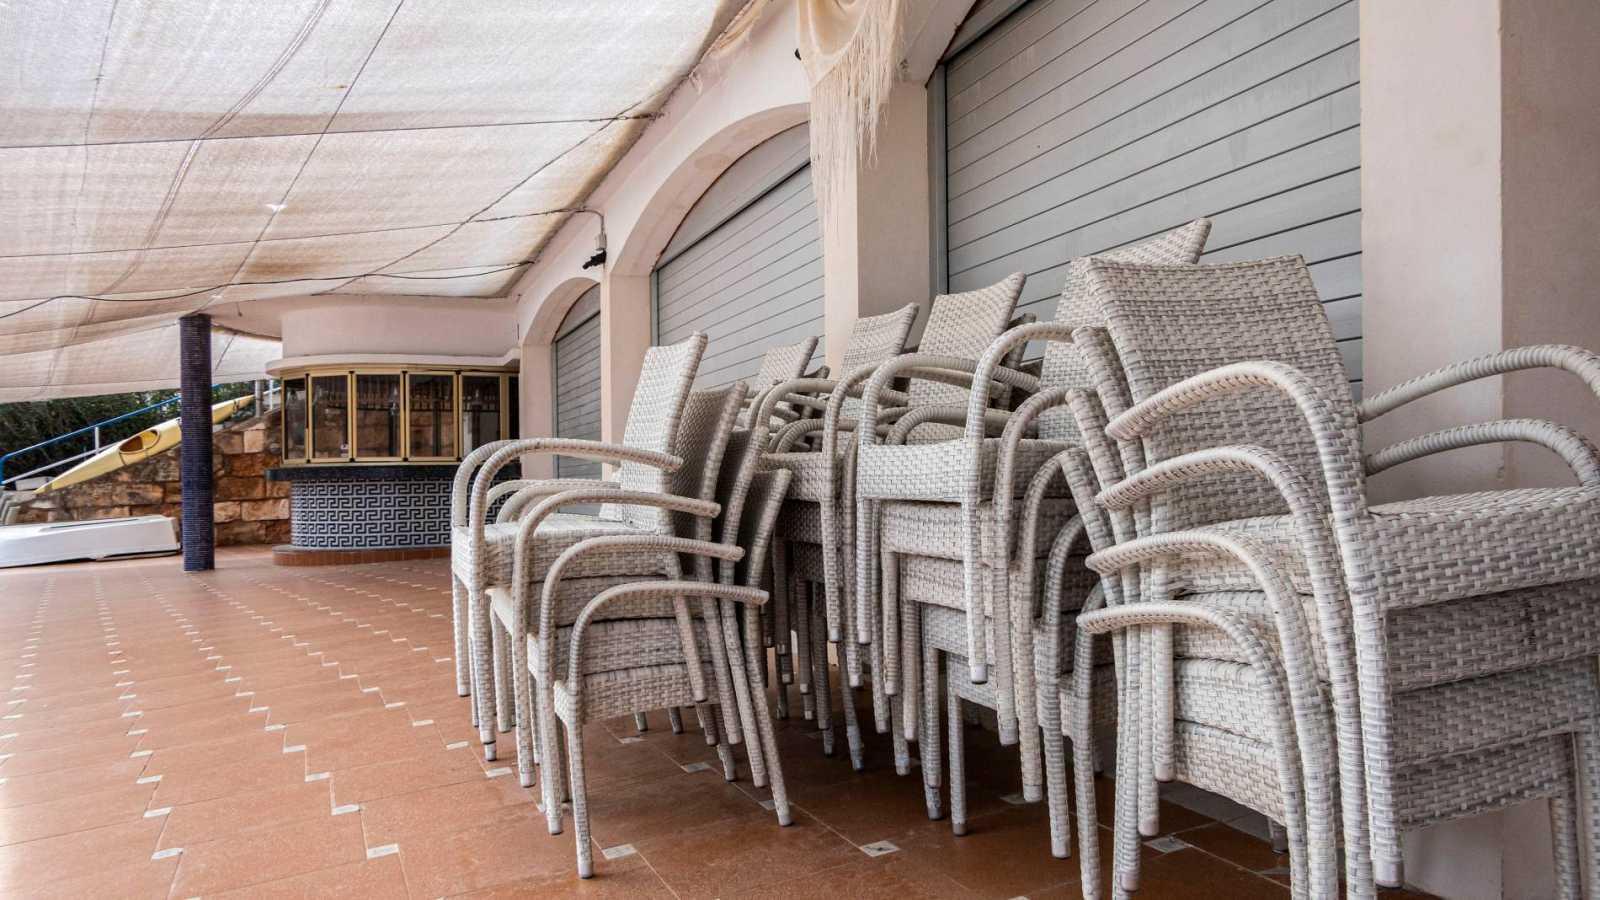 Vista de un restaurante cerrado en Cala Mandia, Mallorca, debido a las medidas de confinamiento decretadas para frenar la expansión del coronavirus